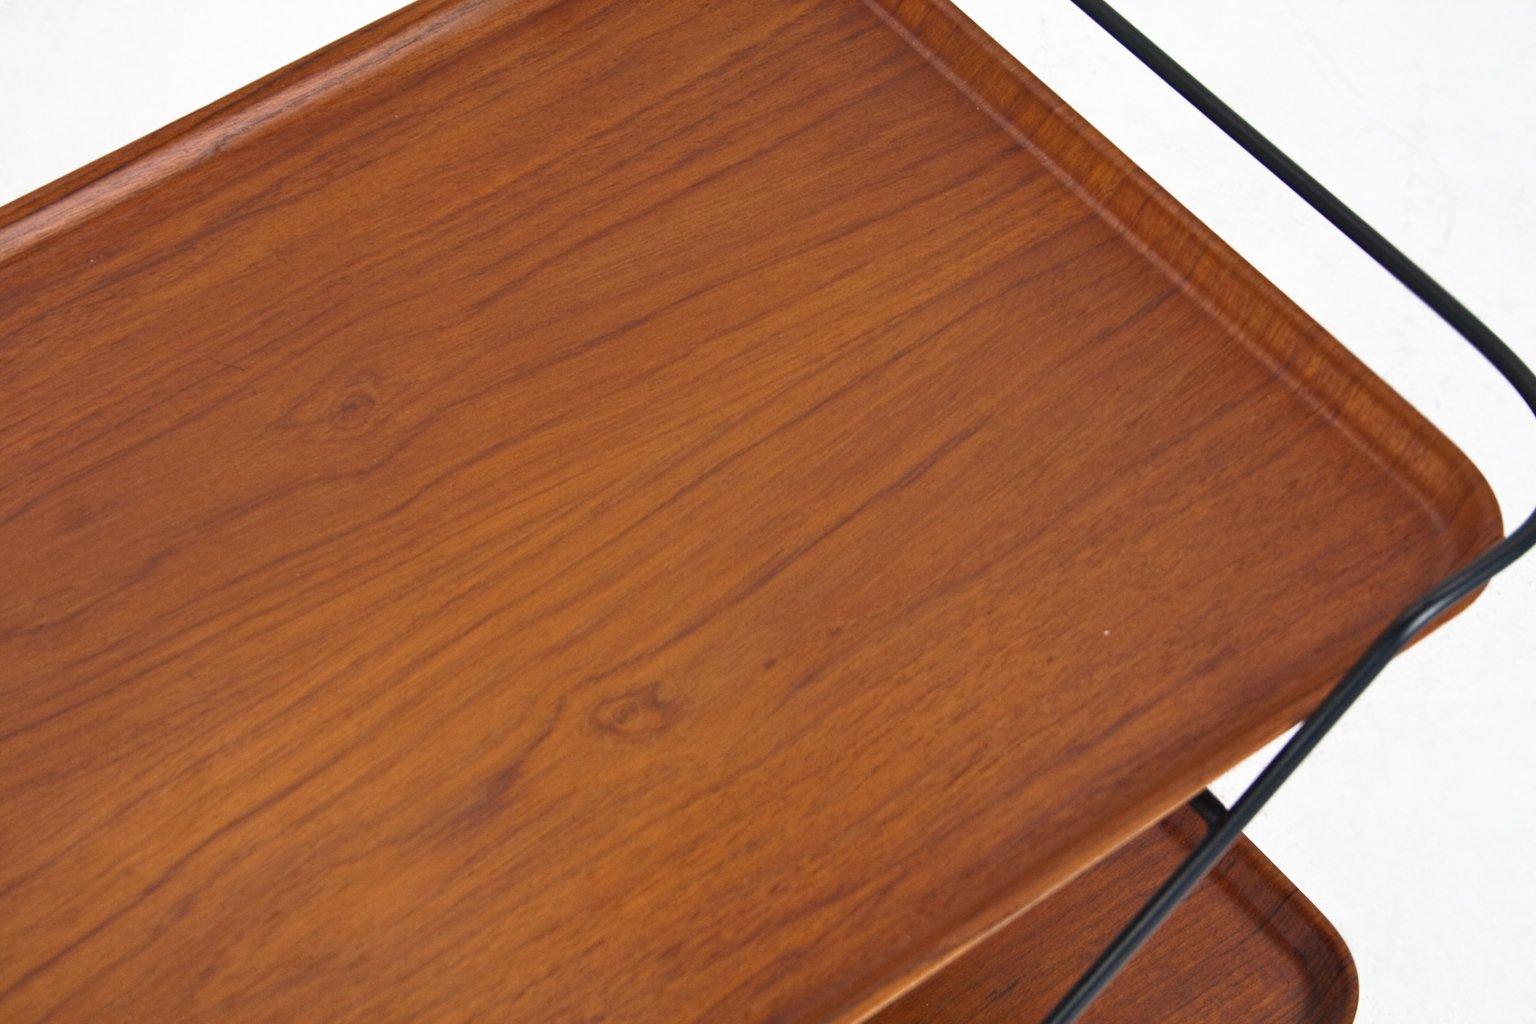 schwedischer vintage teak servierwagen 1960er bei pamono kaufen. Black Bedroom Furniture Sets. Home Design Ideas